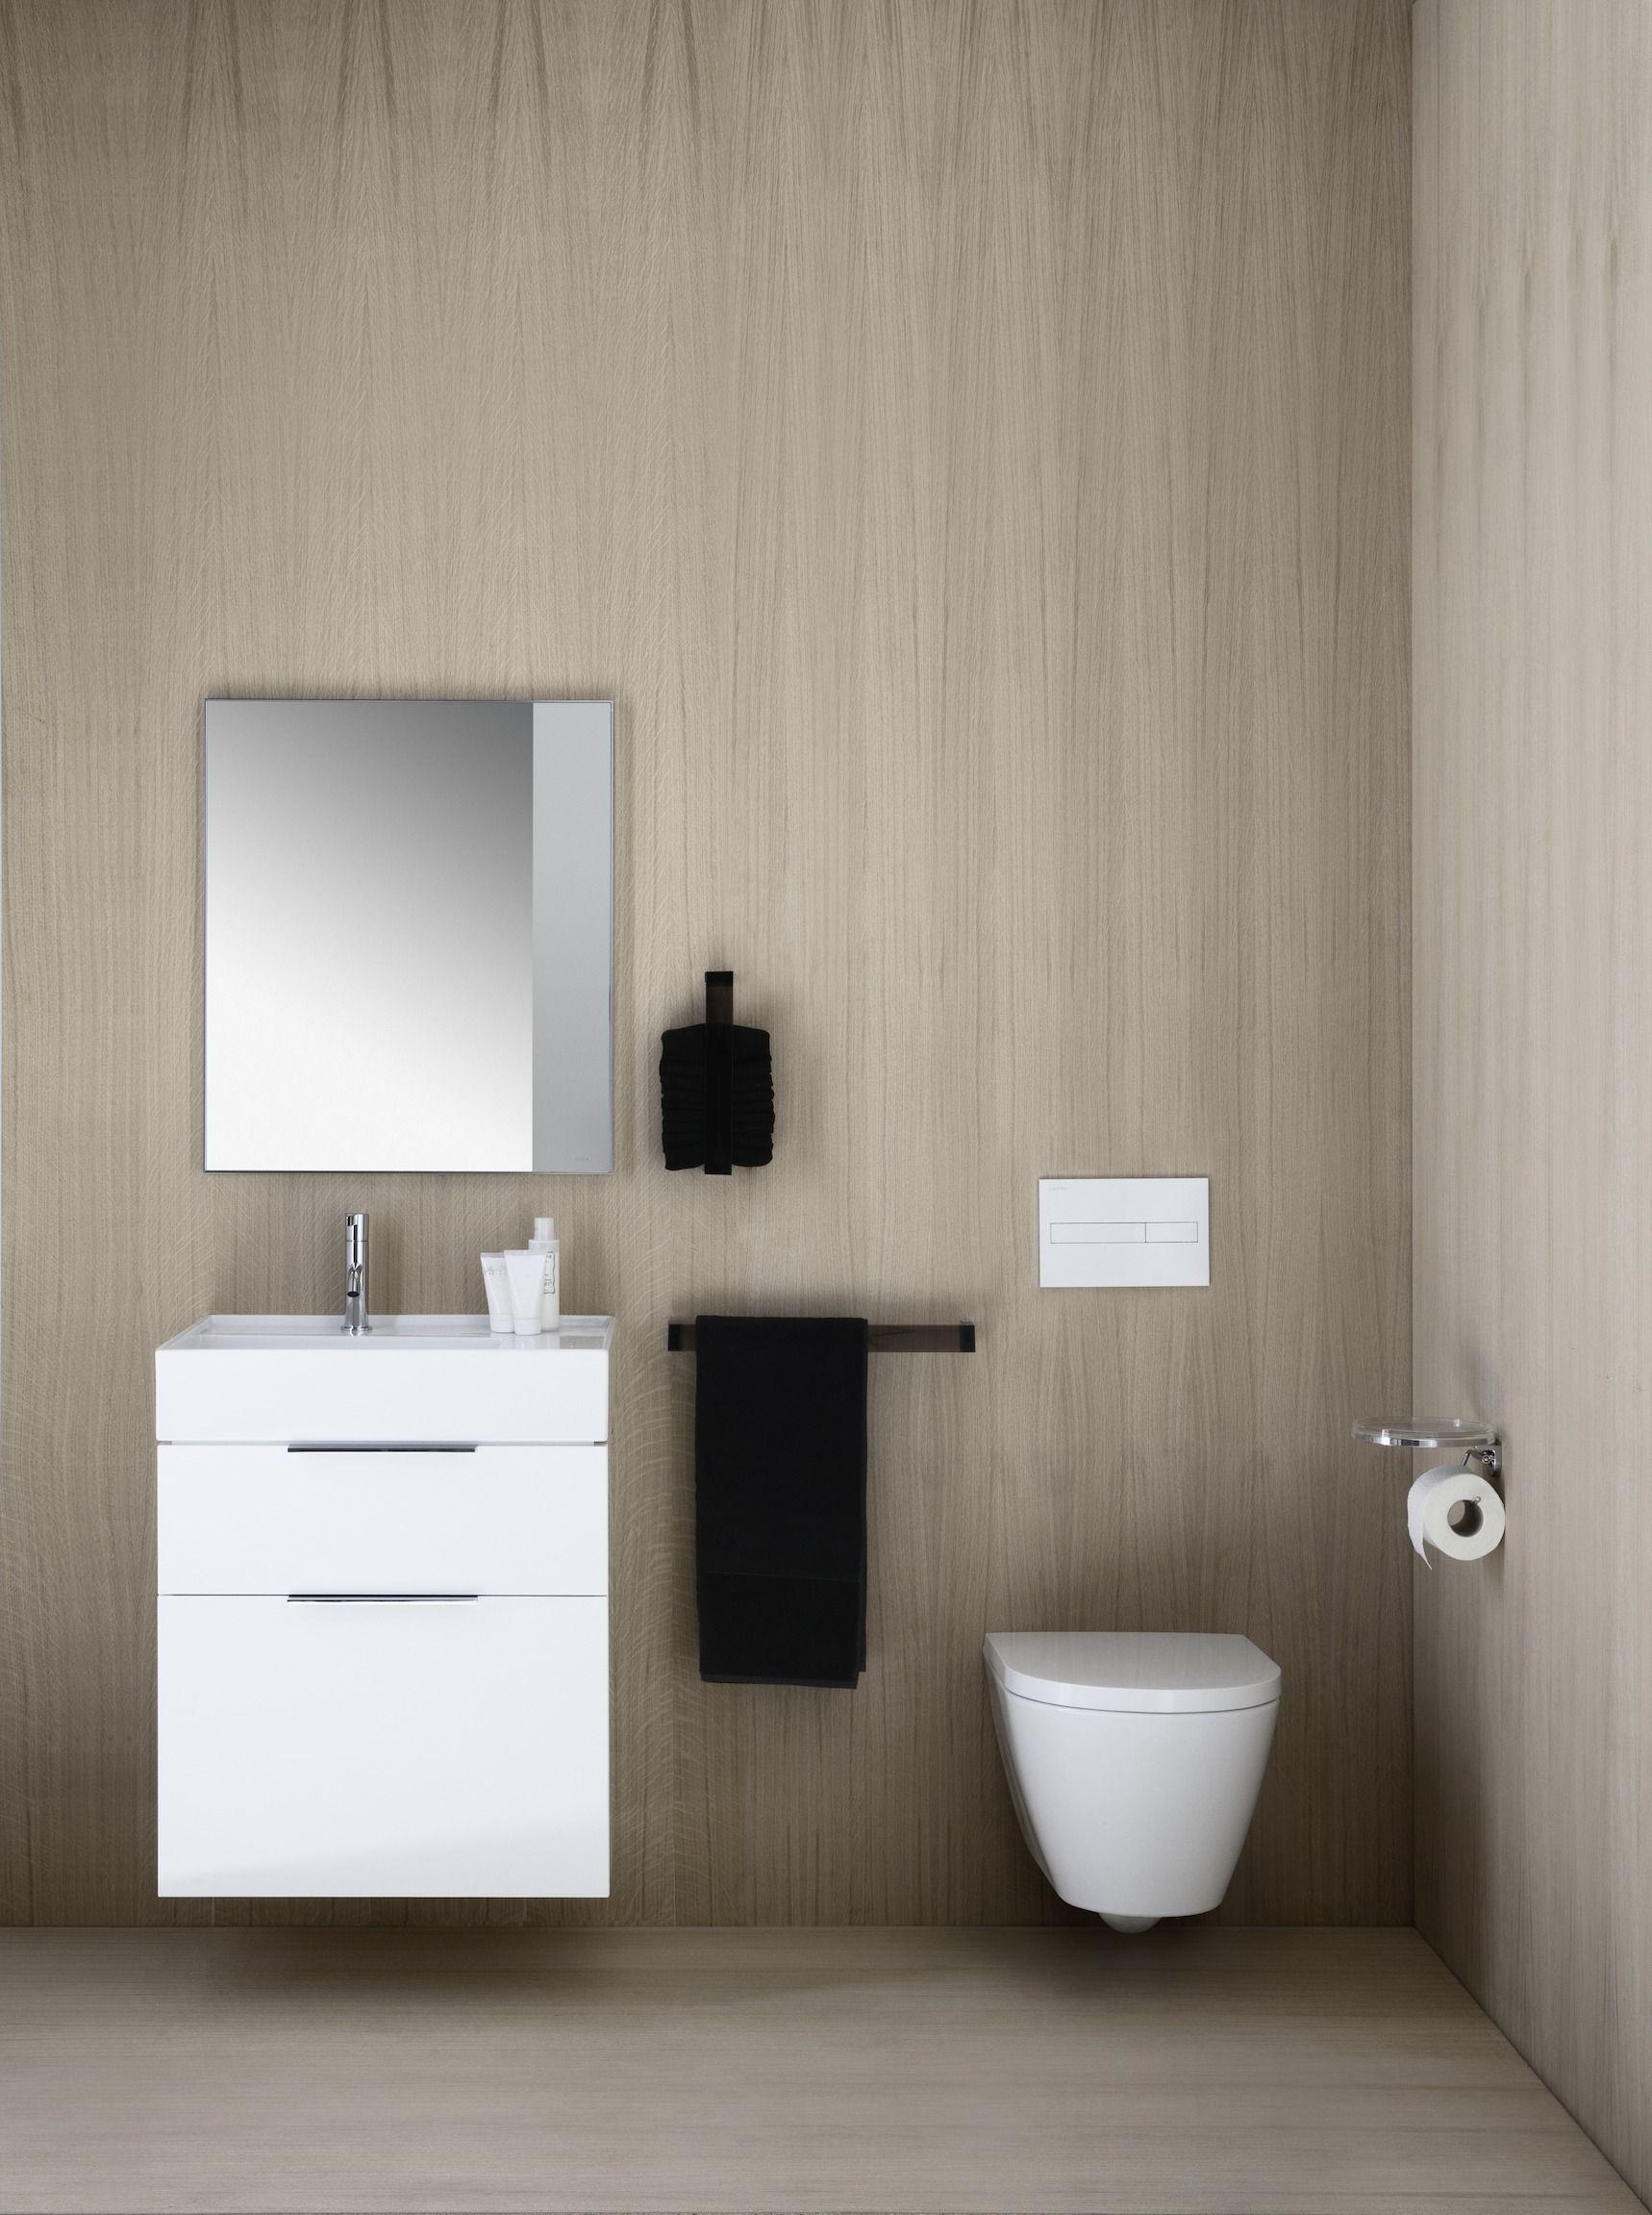 KARTELL BY LAUFEN   LAUFEN Bathrooms   Home   Pinterest   Laufen